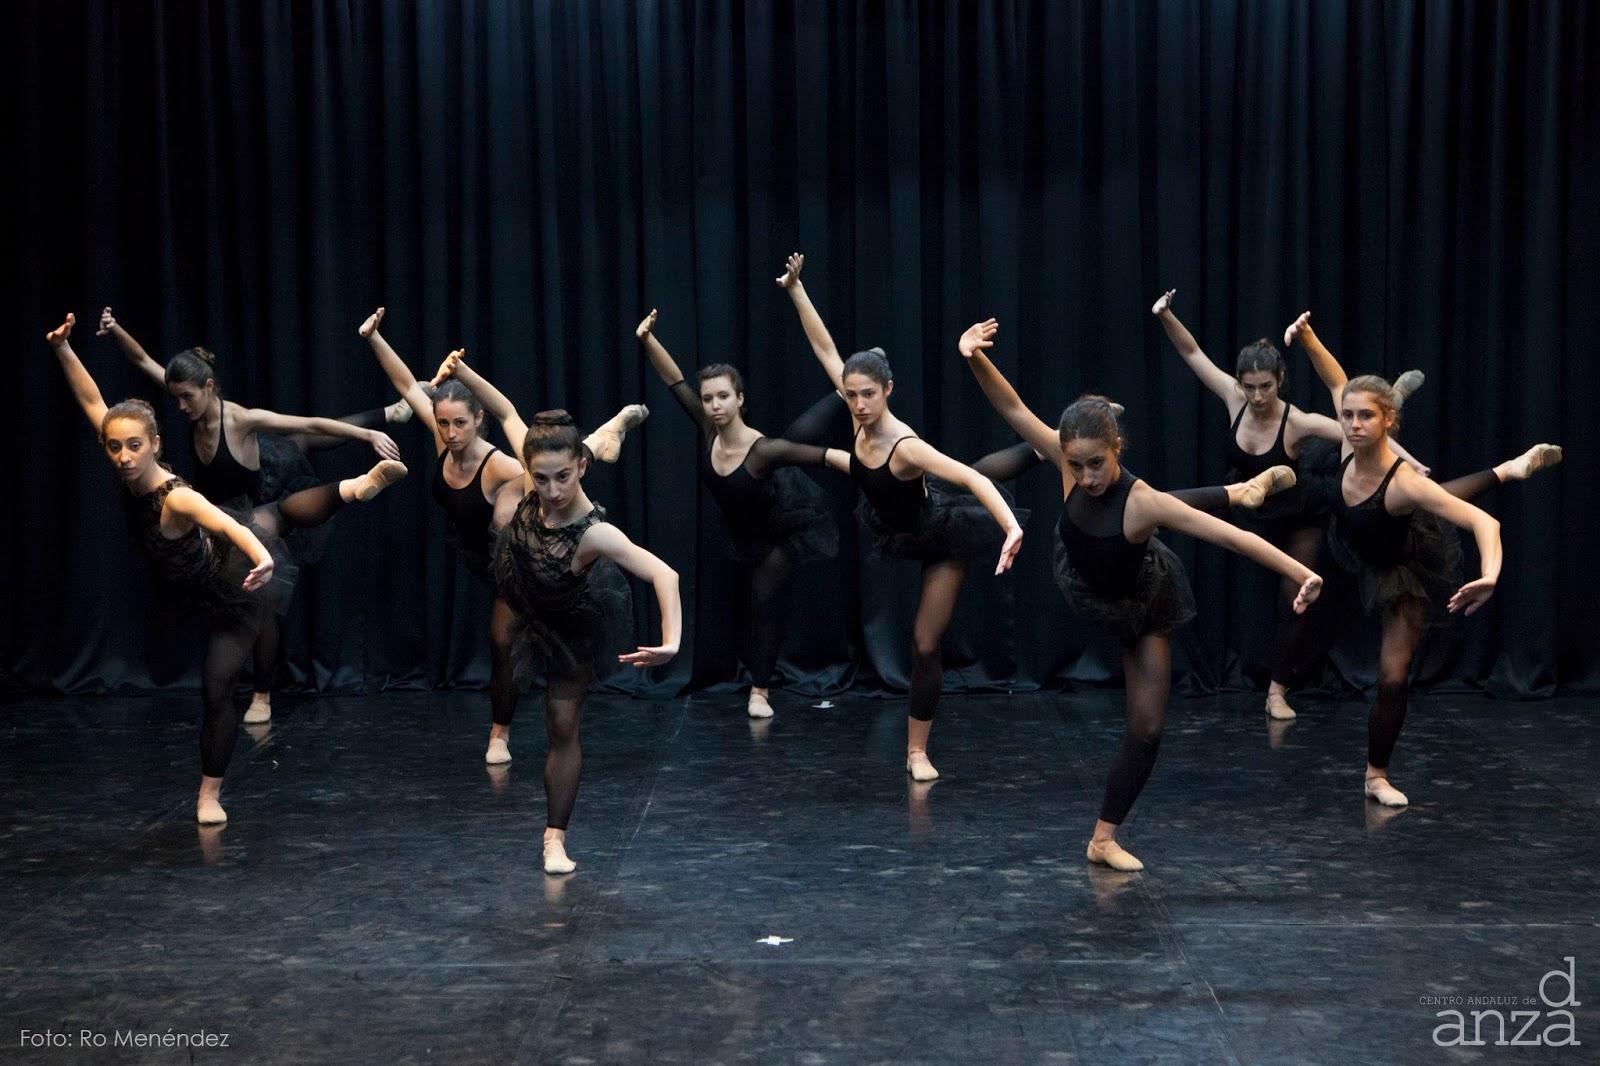 Centro Andaluz de Danza: Luces y sombras / Generaciones